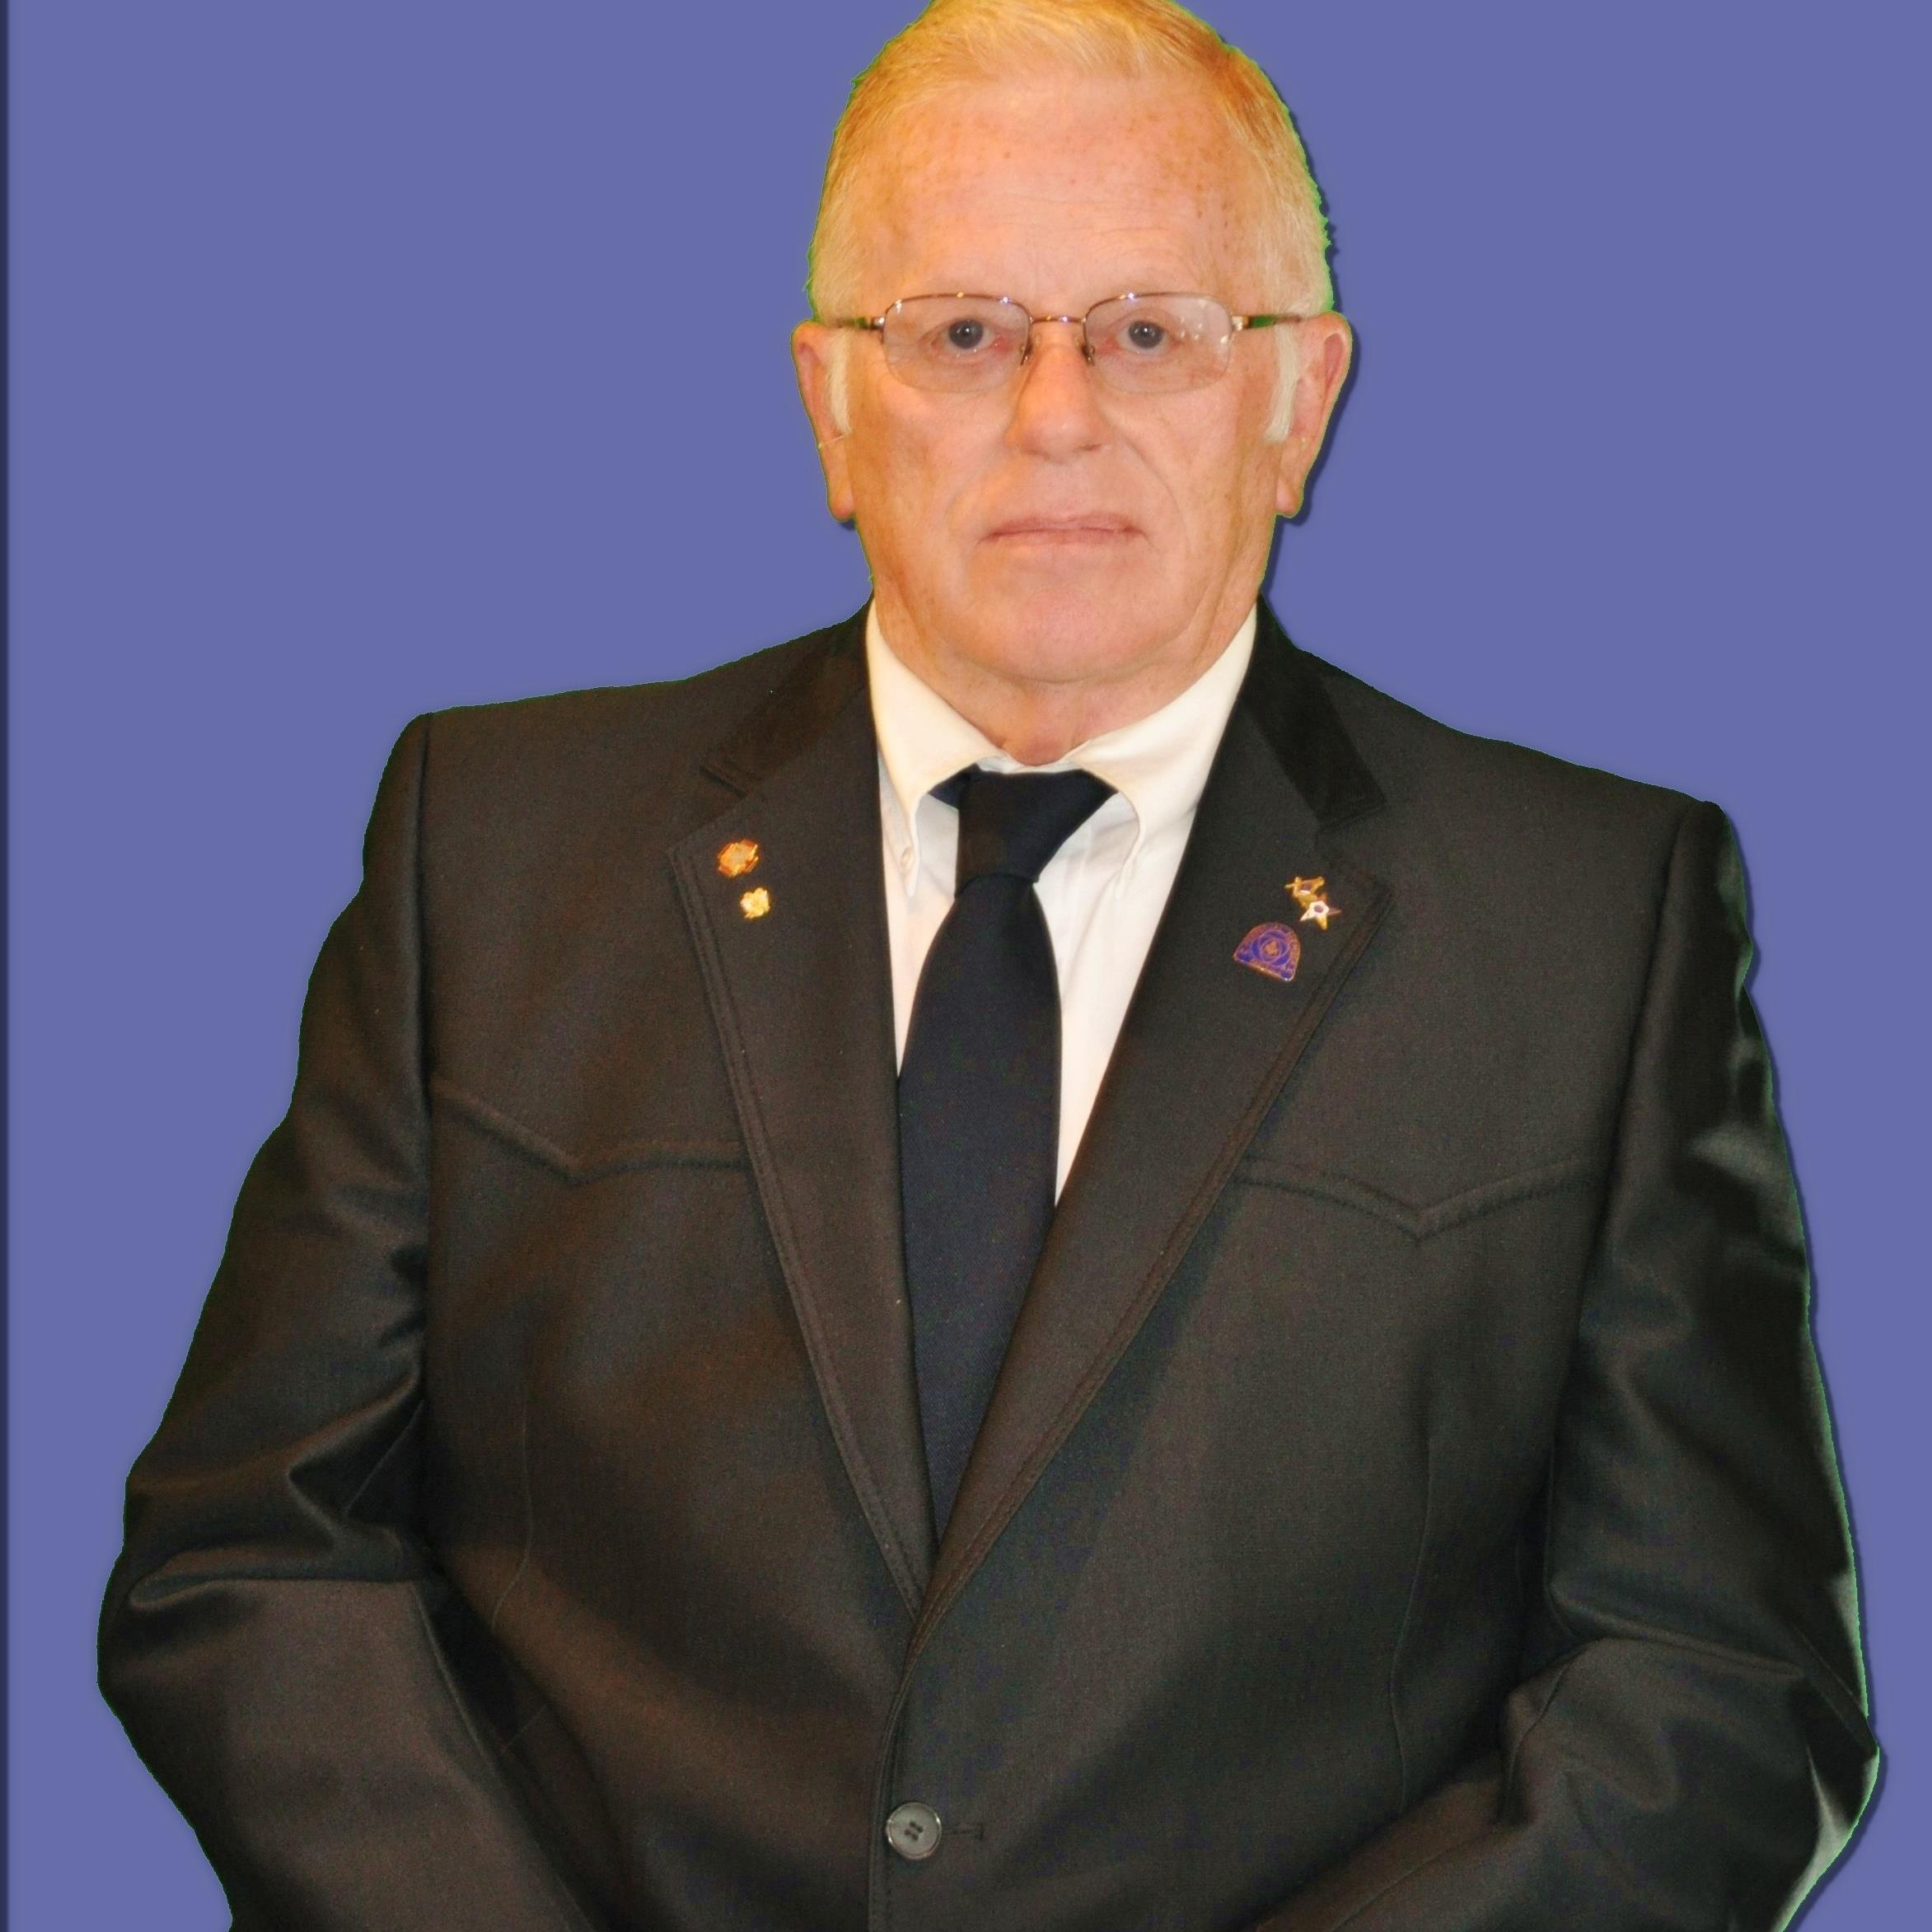 Larry Foust llfoust